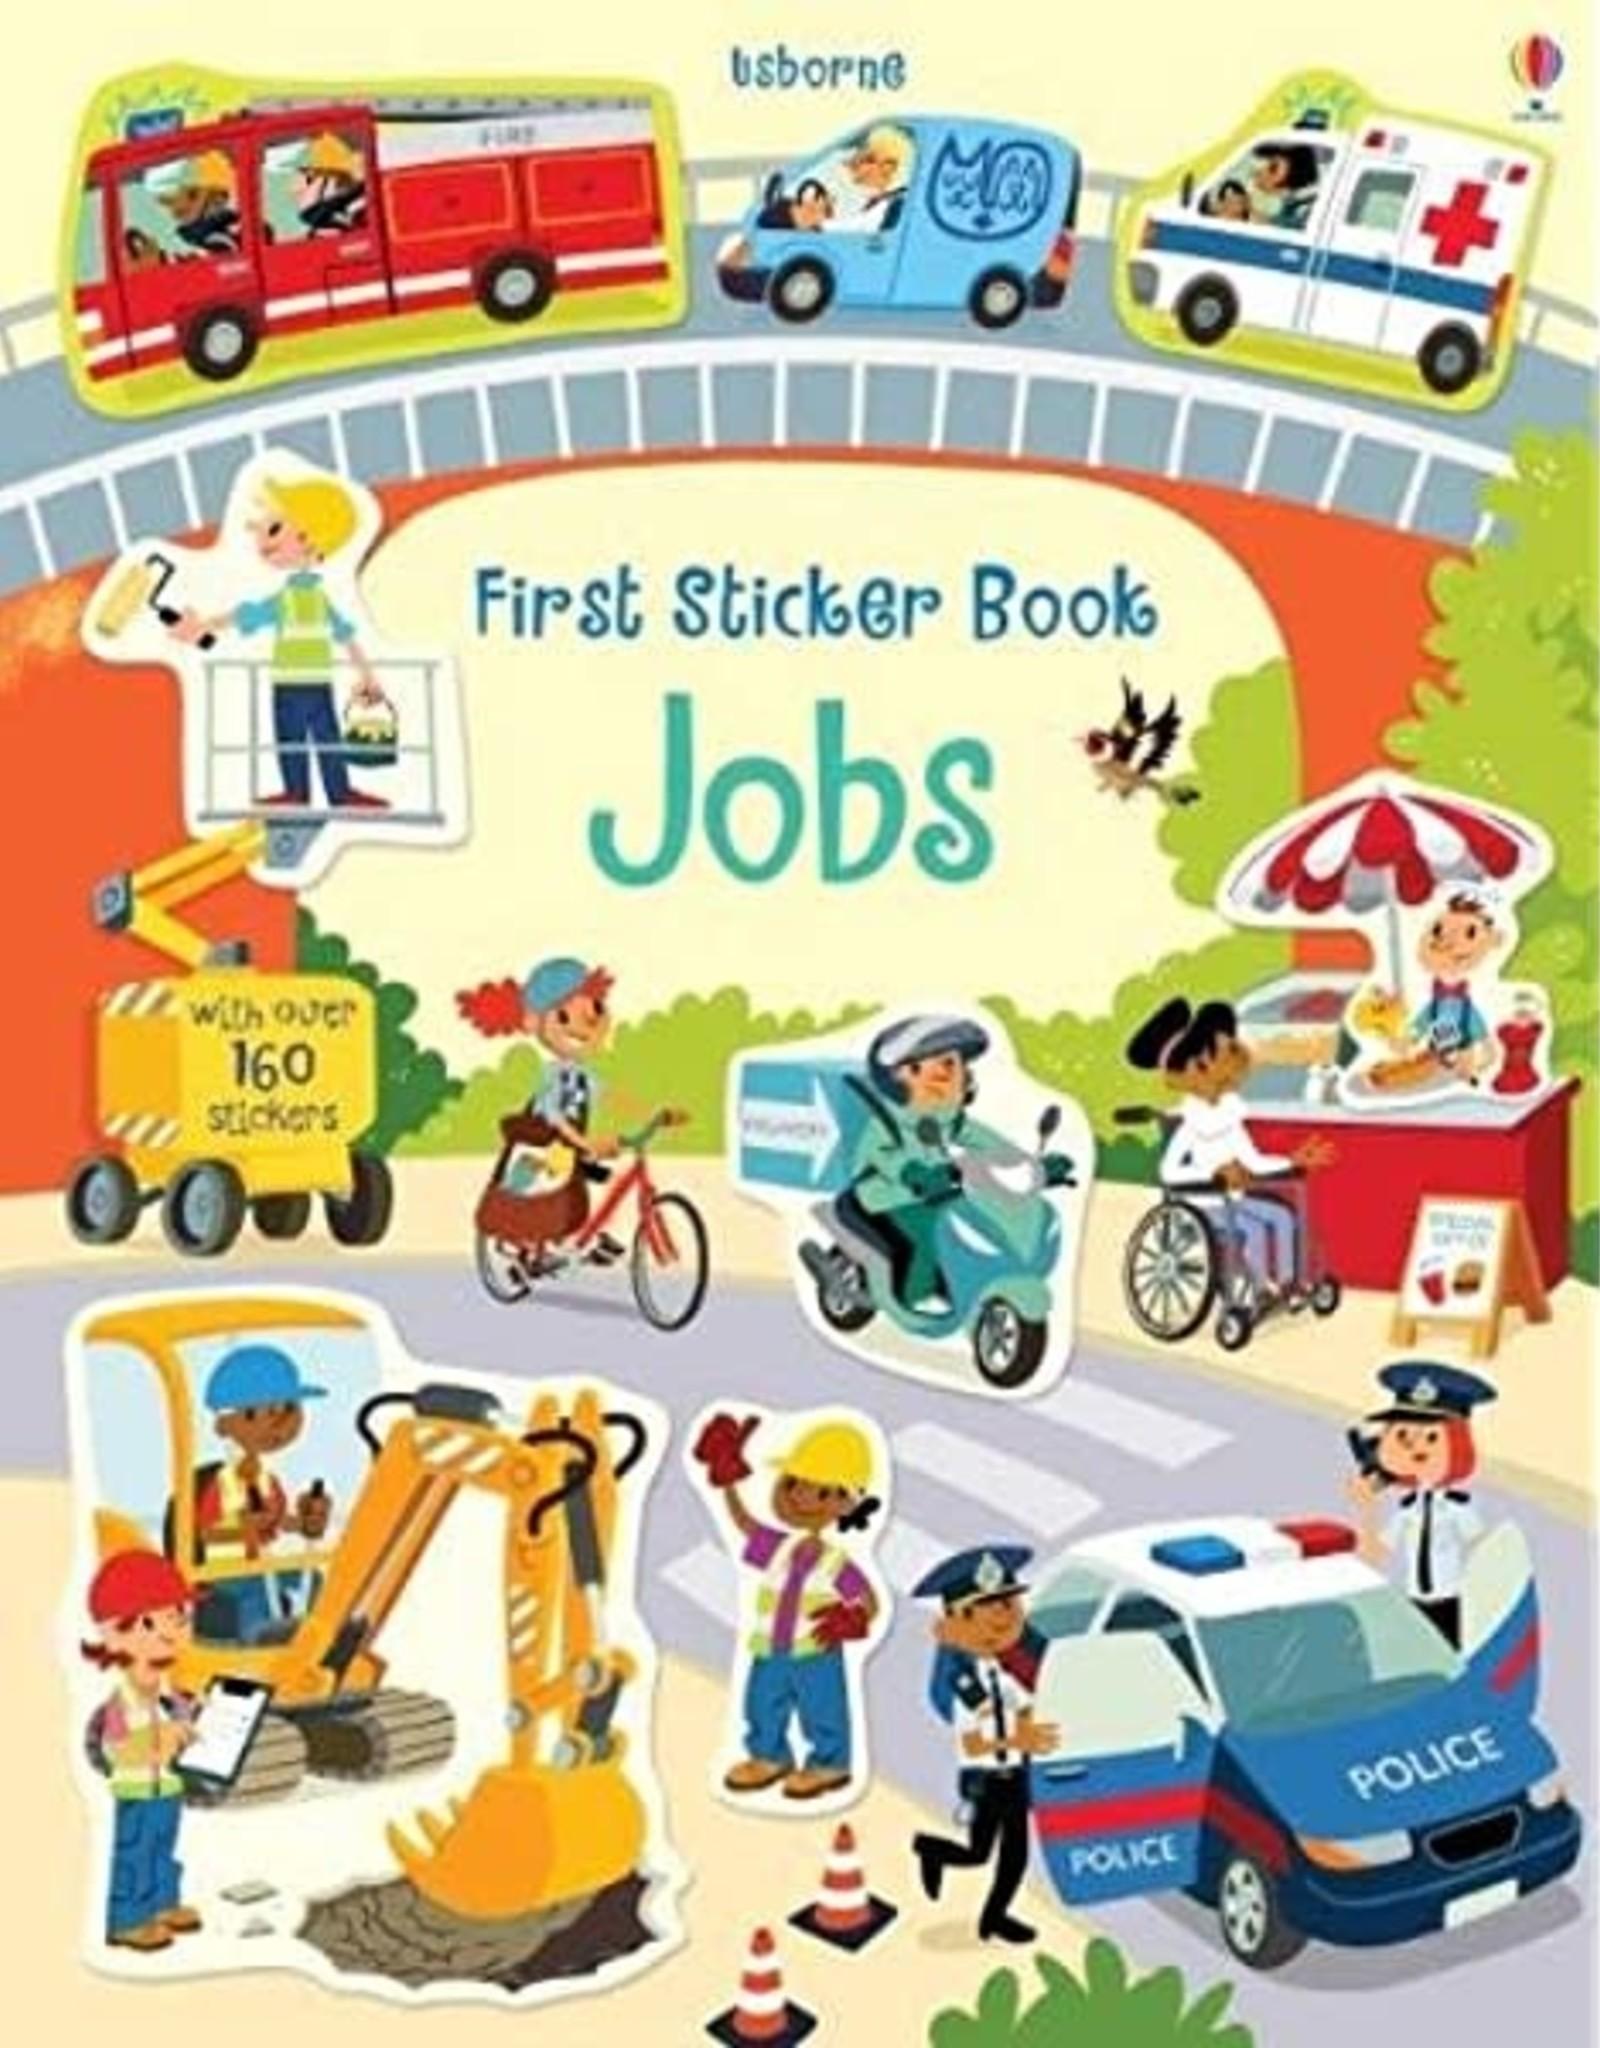 Usborne First Sticker Book: Jobs